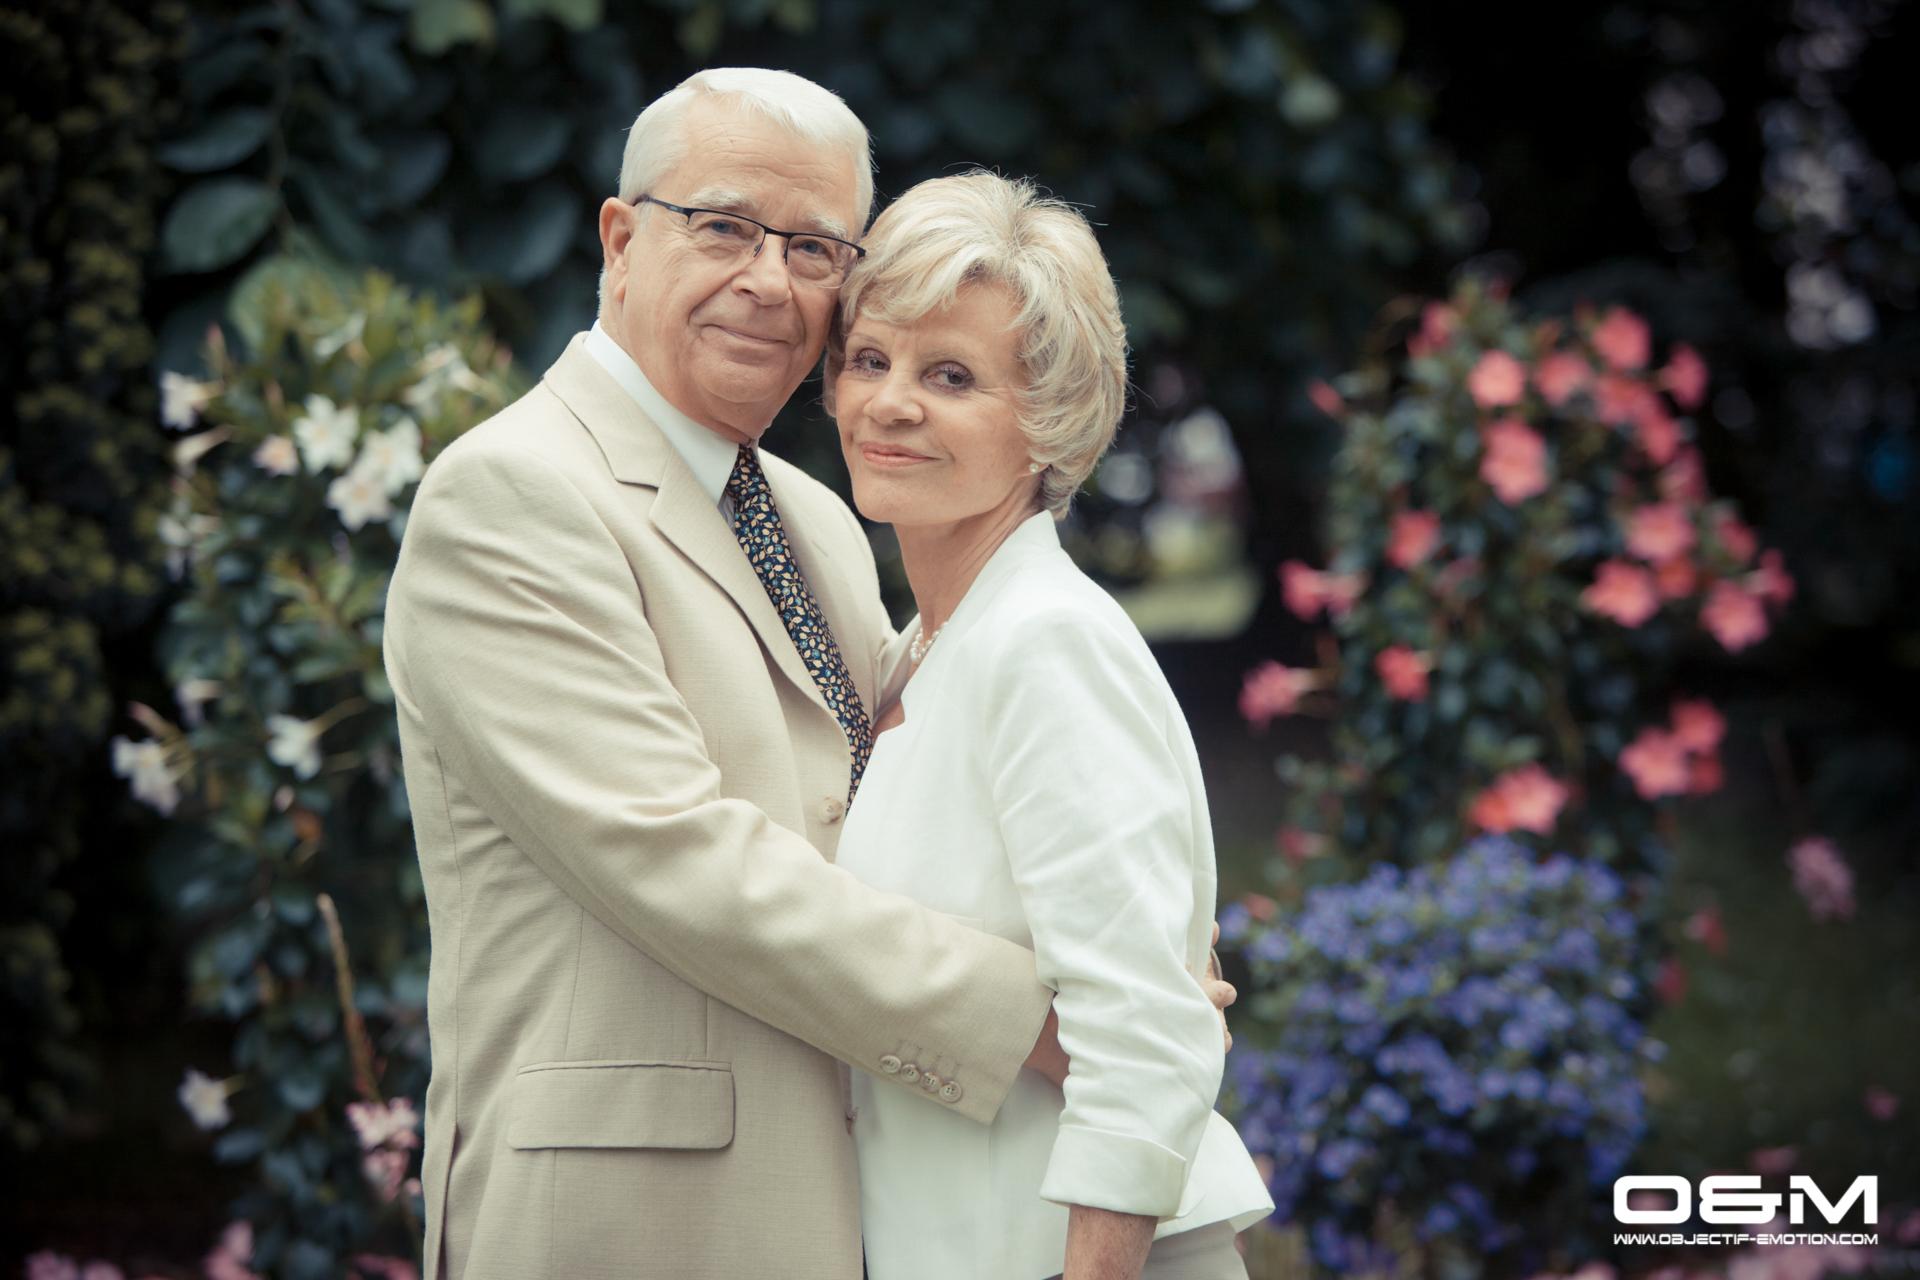 Photographe Mariage - Couple